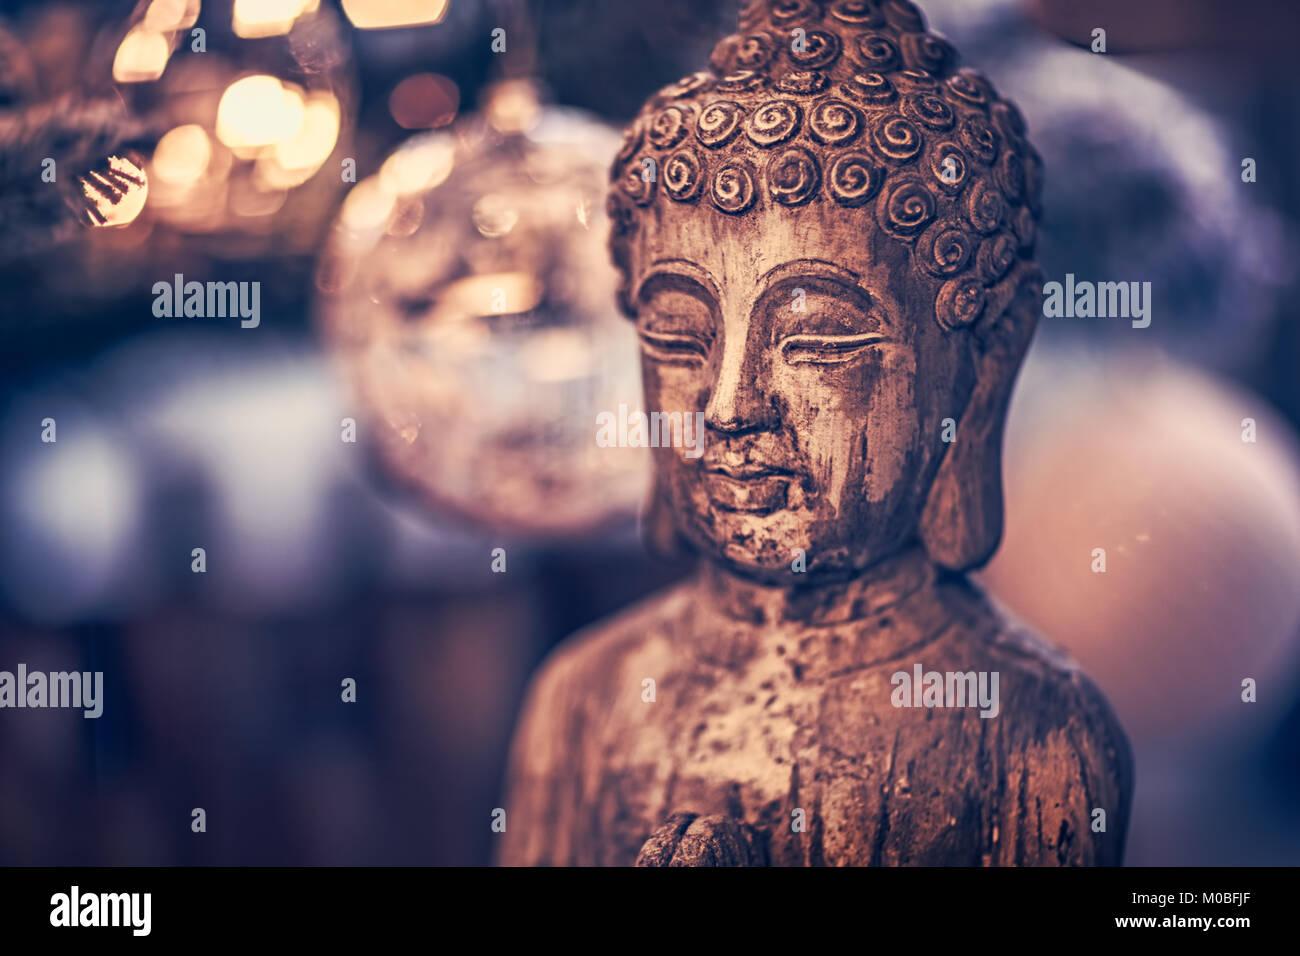 Vintage Style Foto der hölzerne Statue von Buddha, Gott der orientalische Religion, konzeptionelle Bild von Stockbild